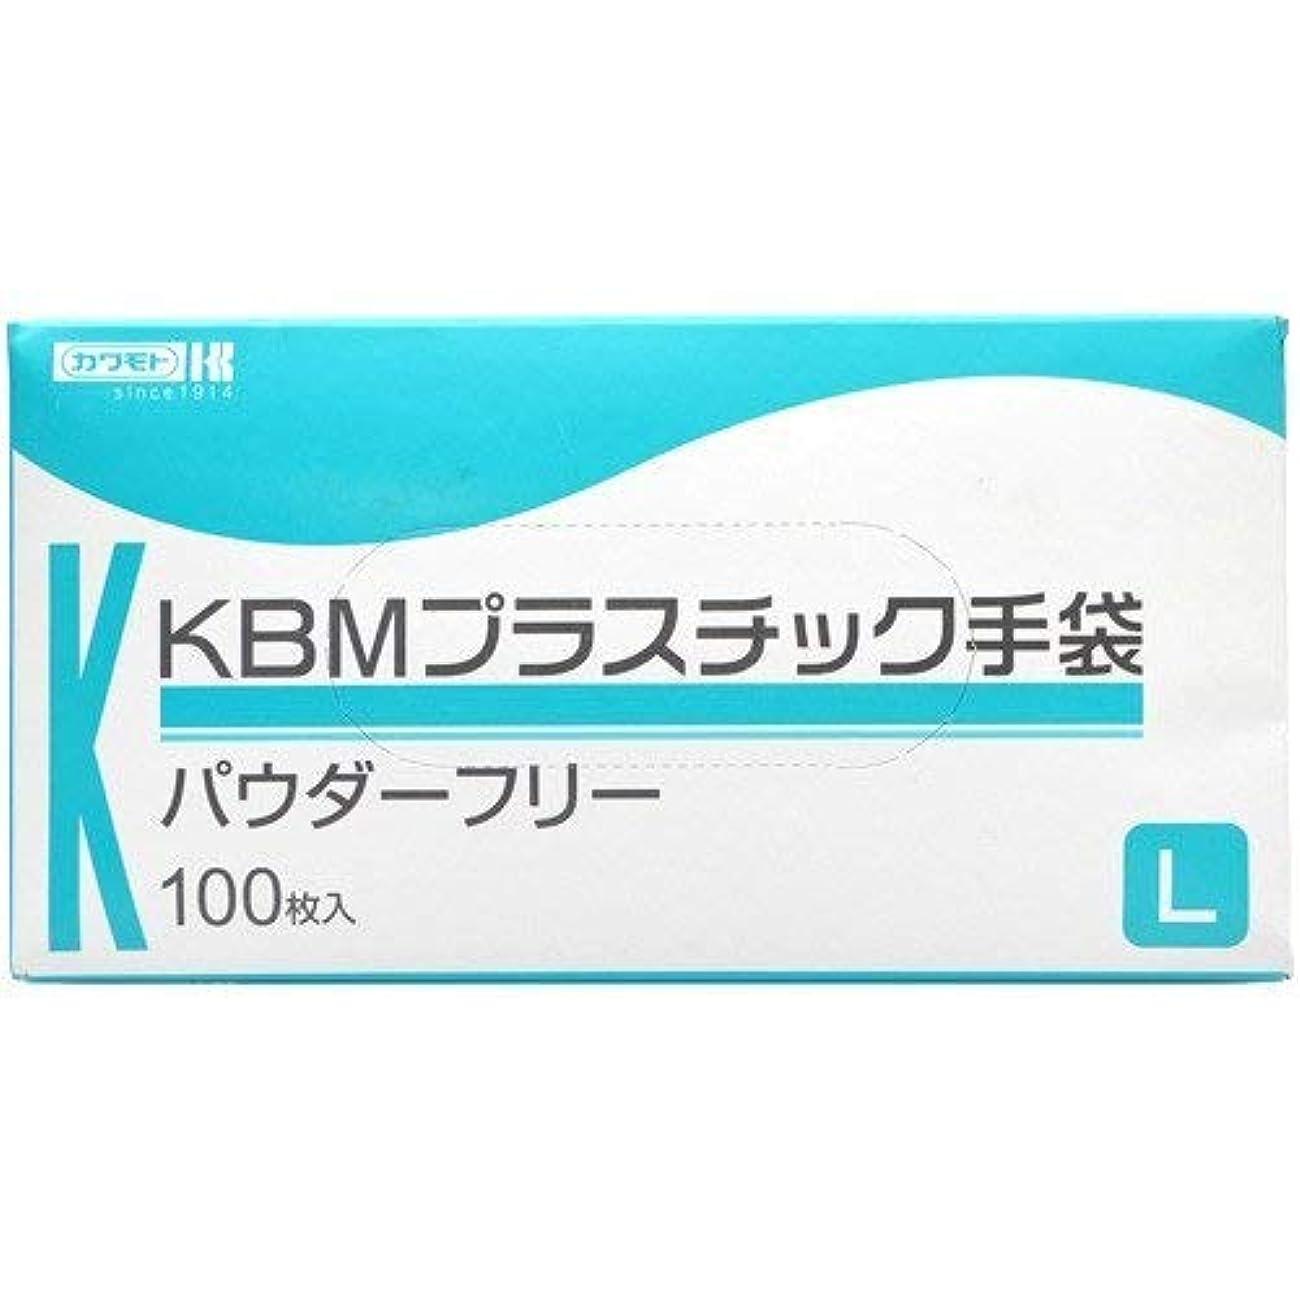 運ぶできない主人川本産業 KBMプラスチック手袋 パウダーフリー L 100枚入 ×2個